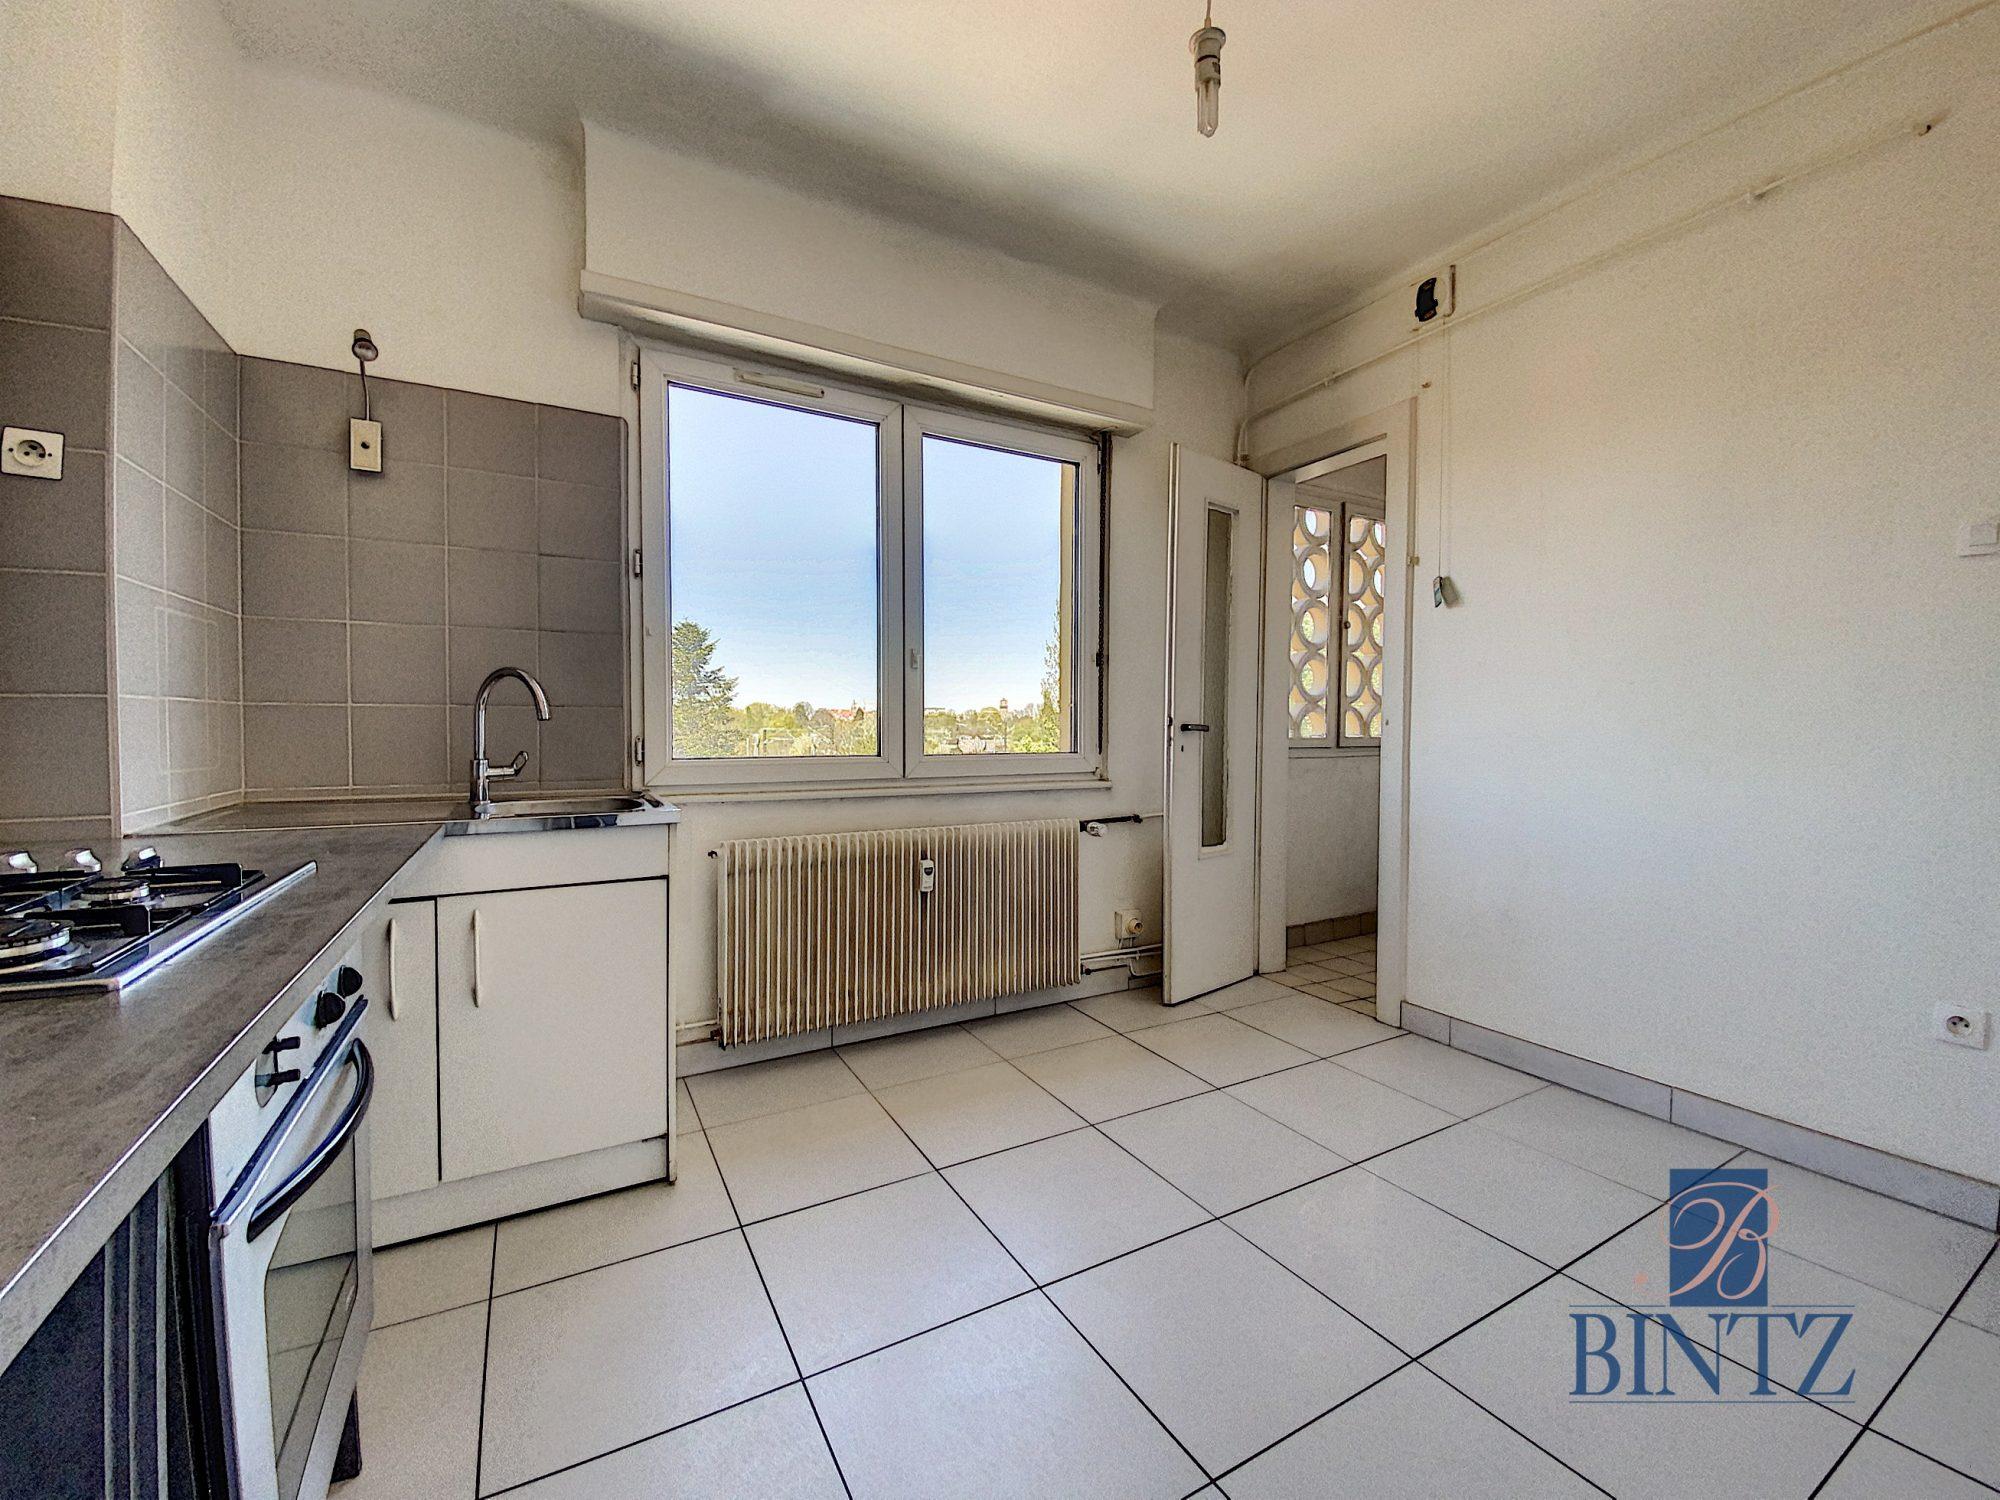 3P MONTAGNE VERTE - Devenez locataire en toute sérénité - Bintz Immobilier - 10